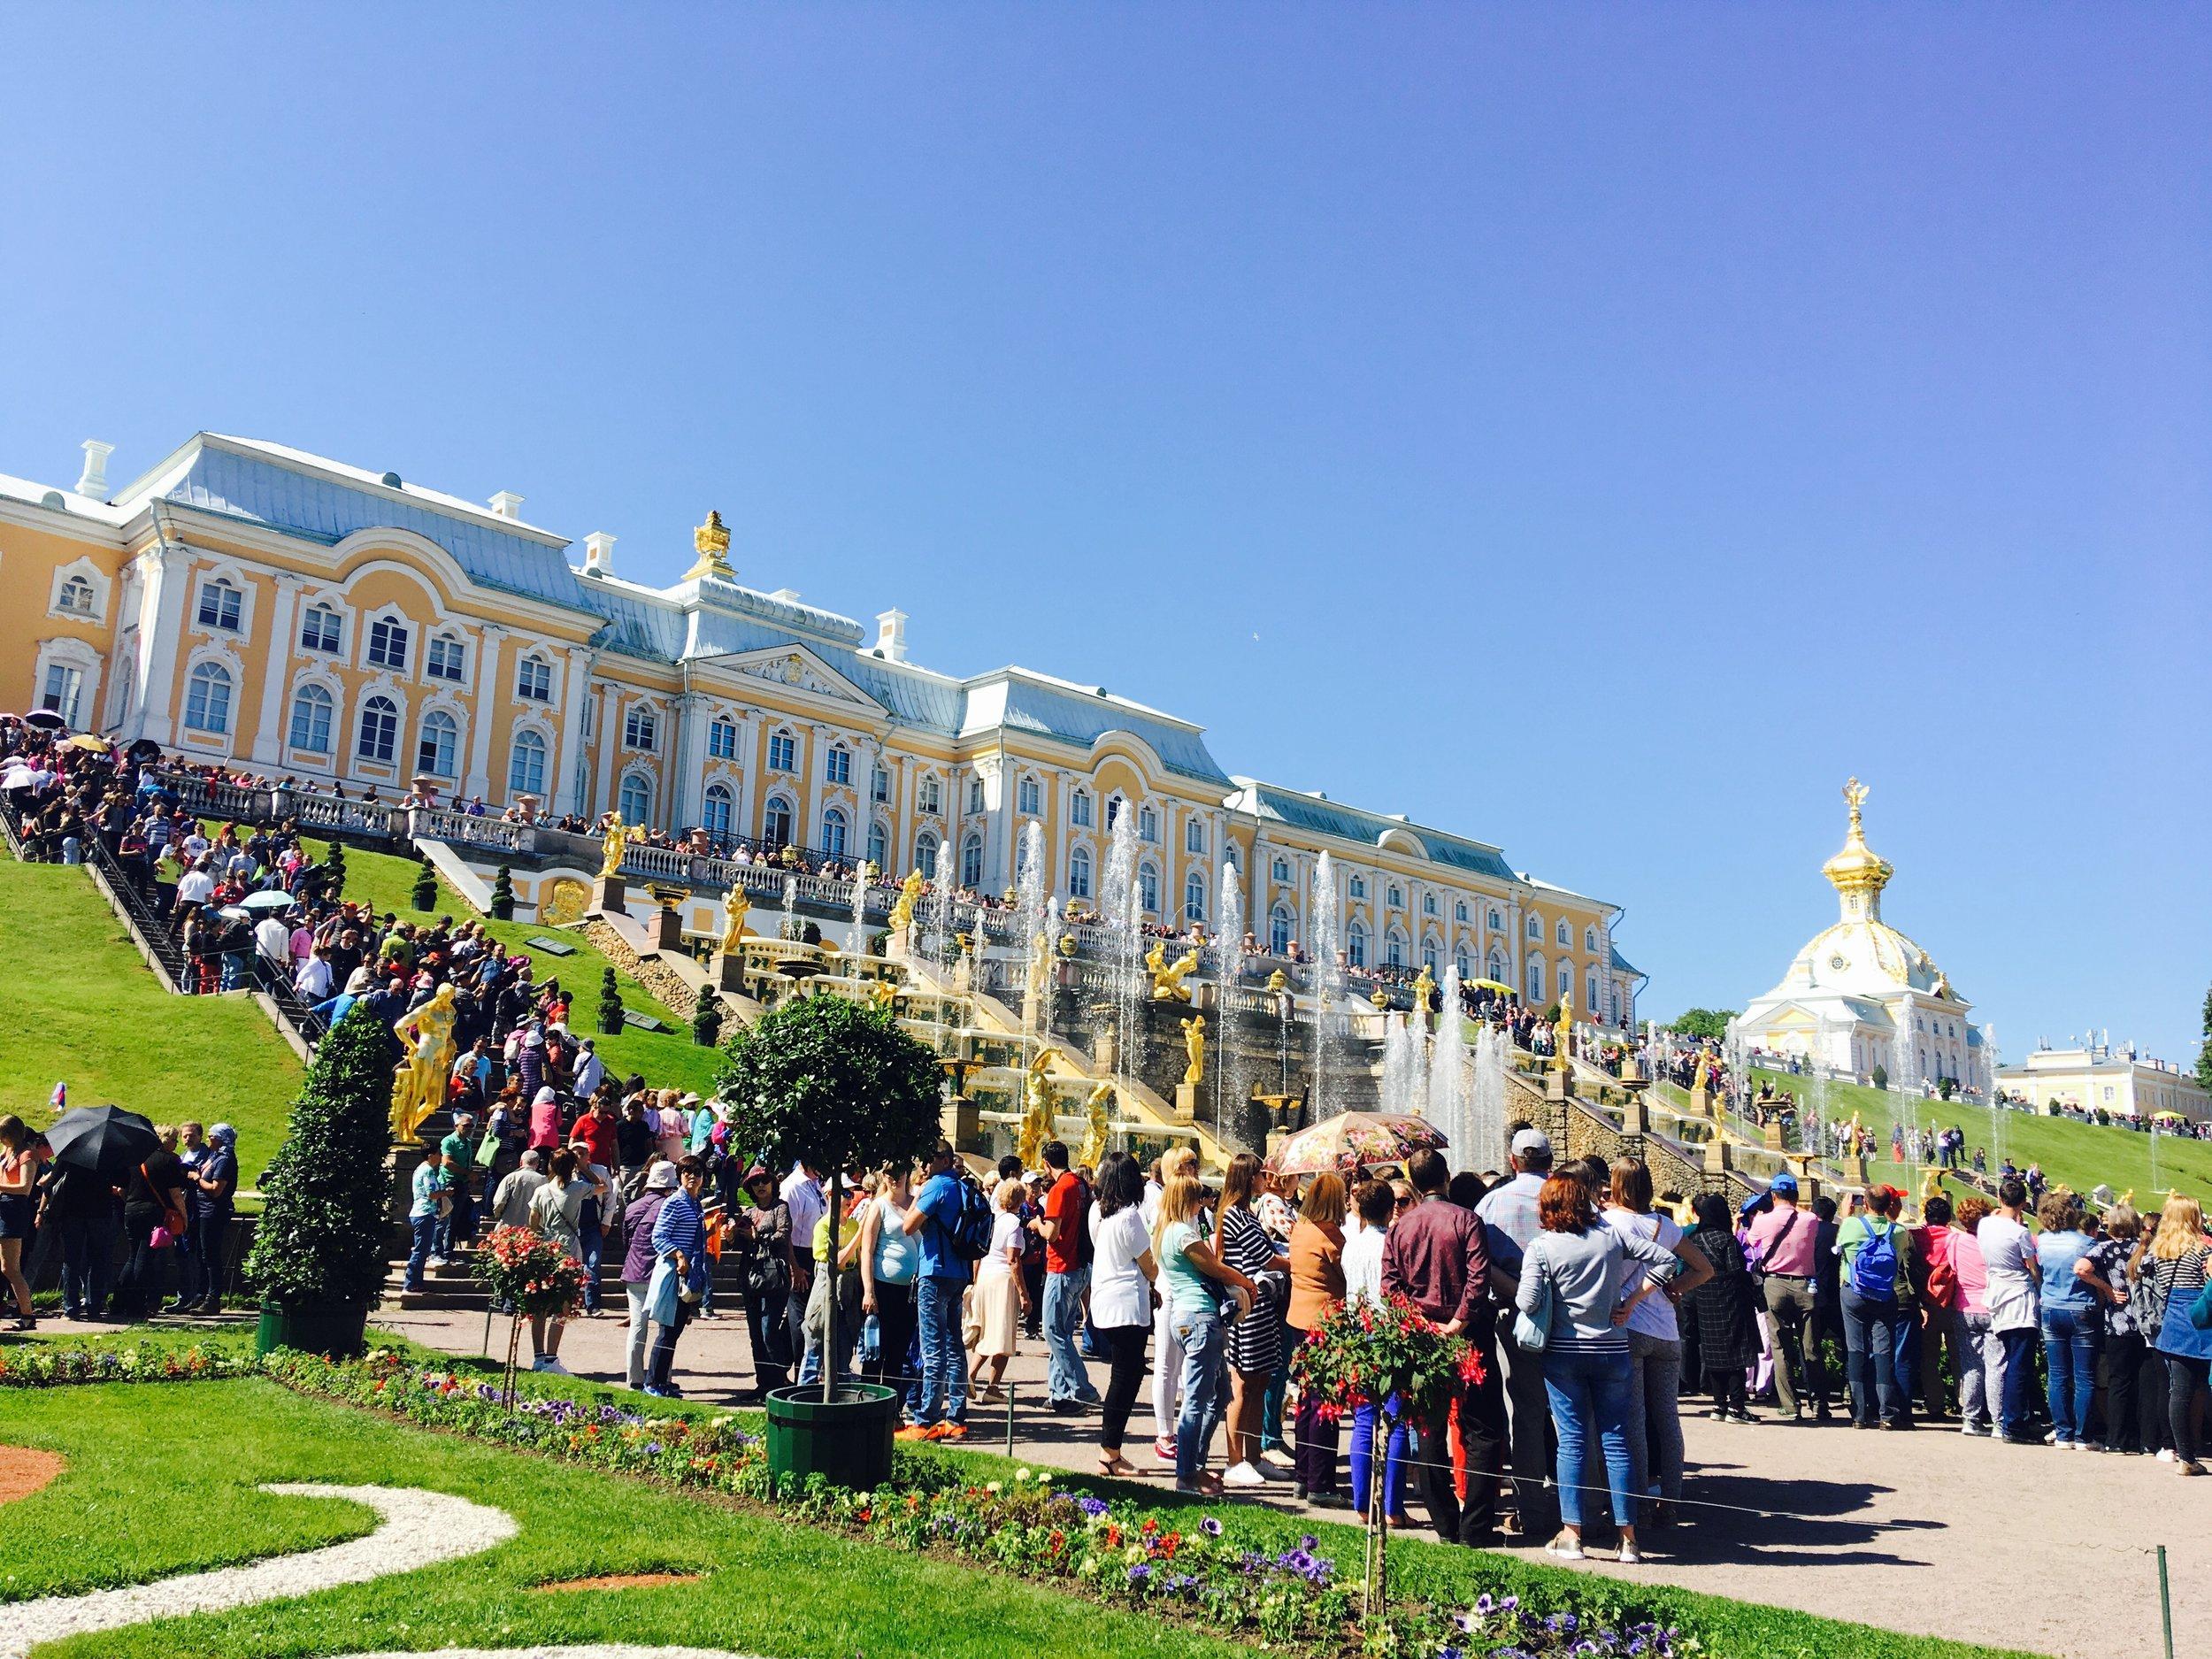 The crowds at Peterhof